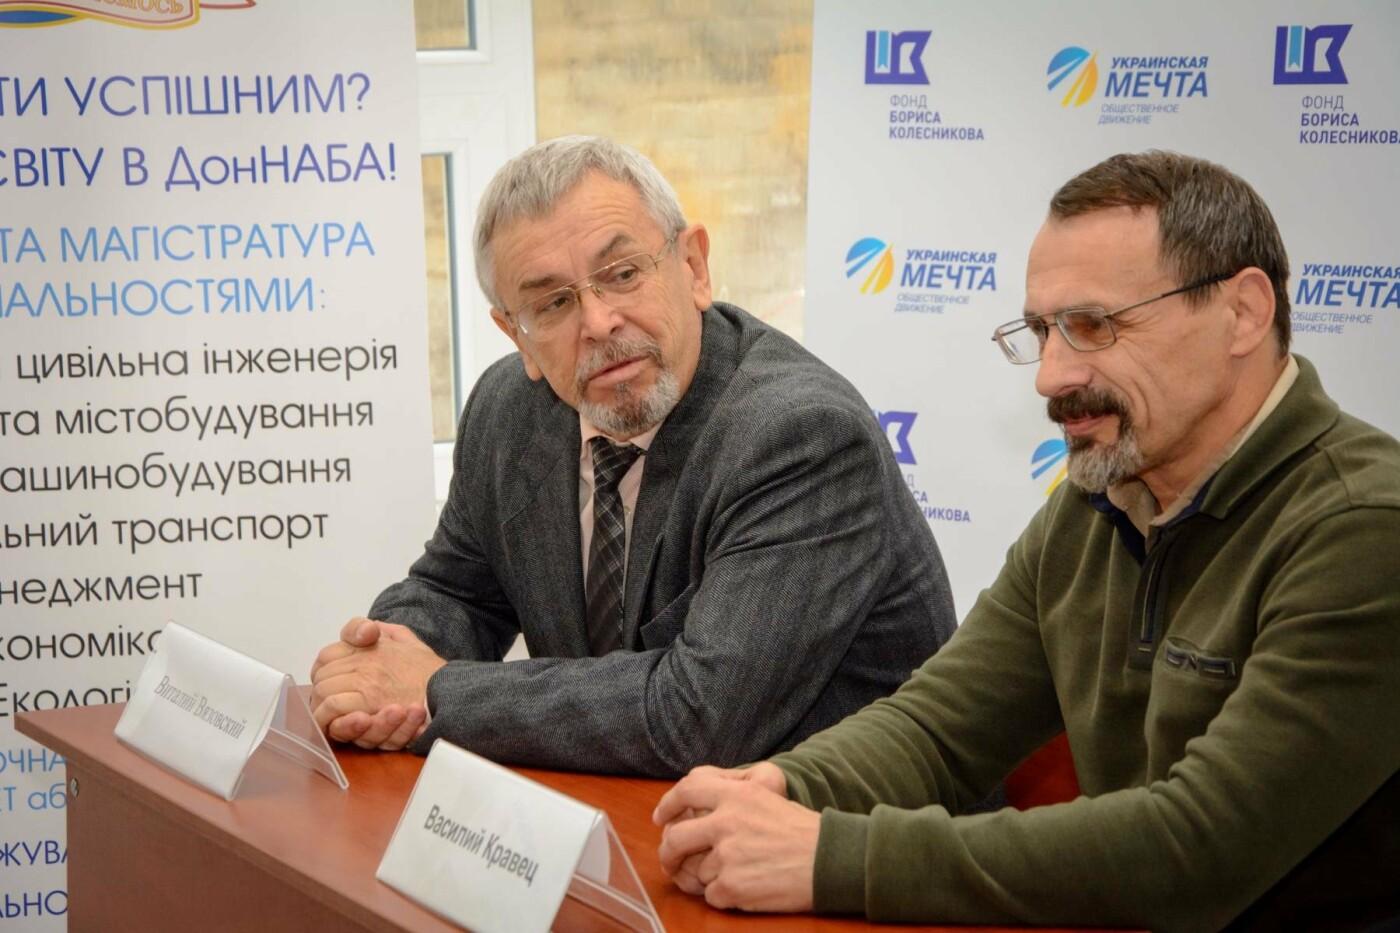 Открыт престижный конкурс «Архитектор 2018» для талантливых украинских студентов, фото-4